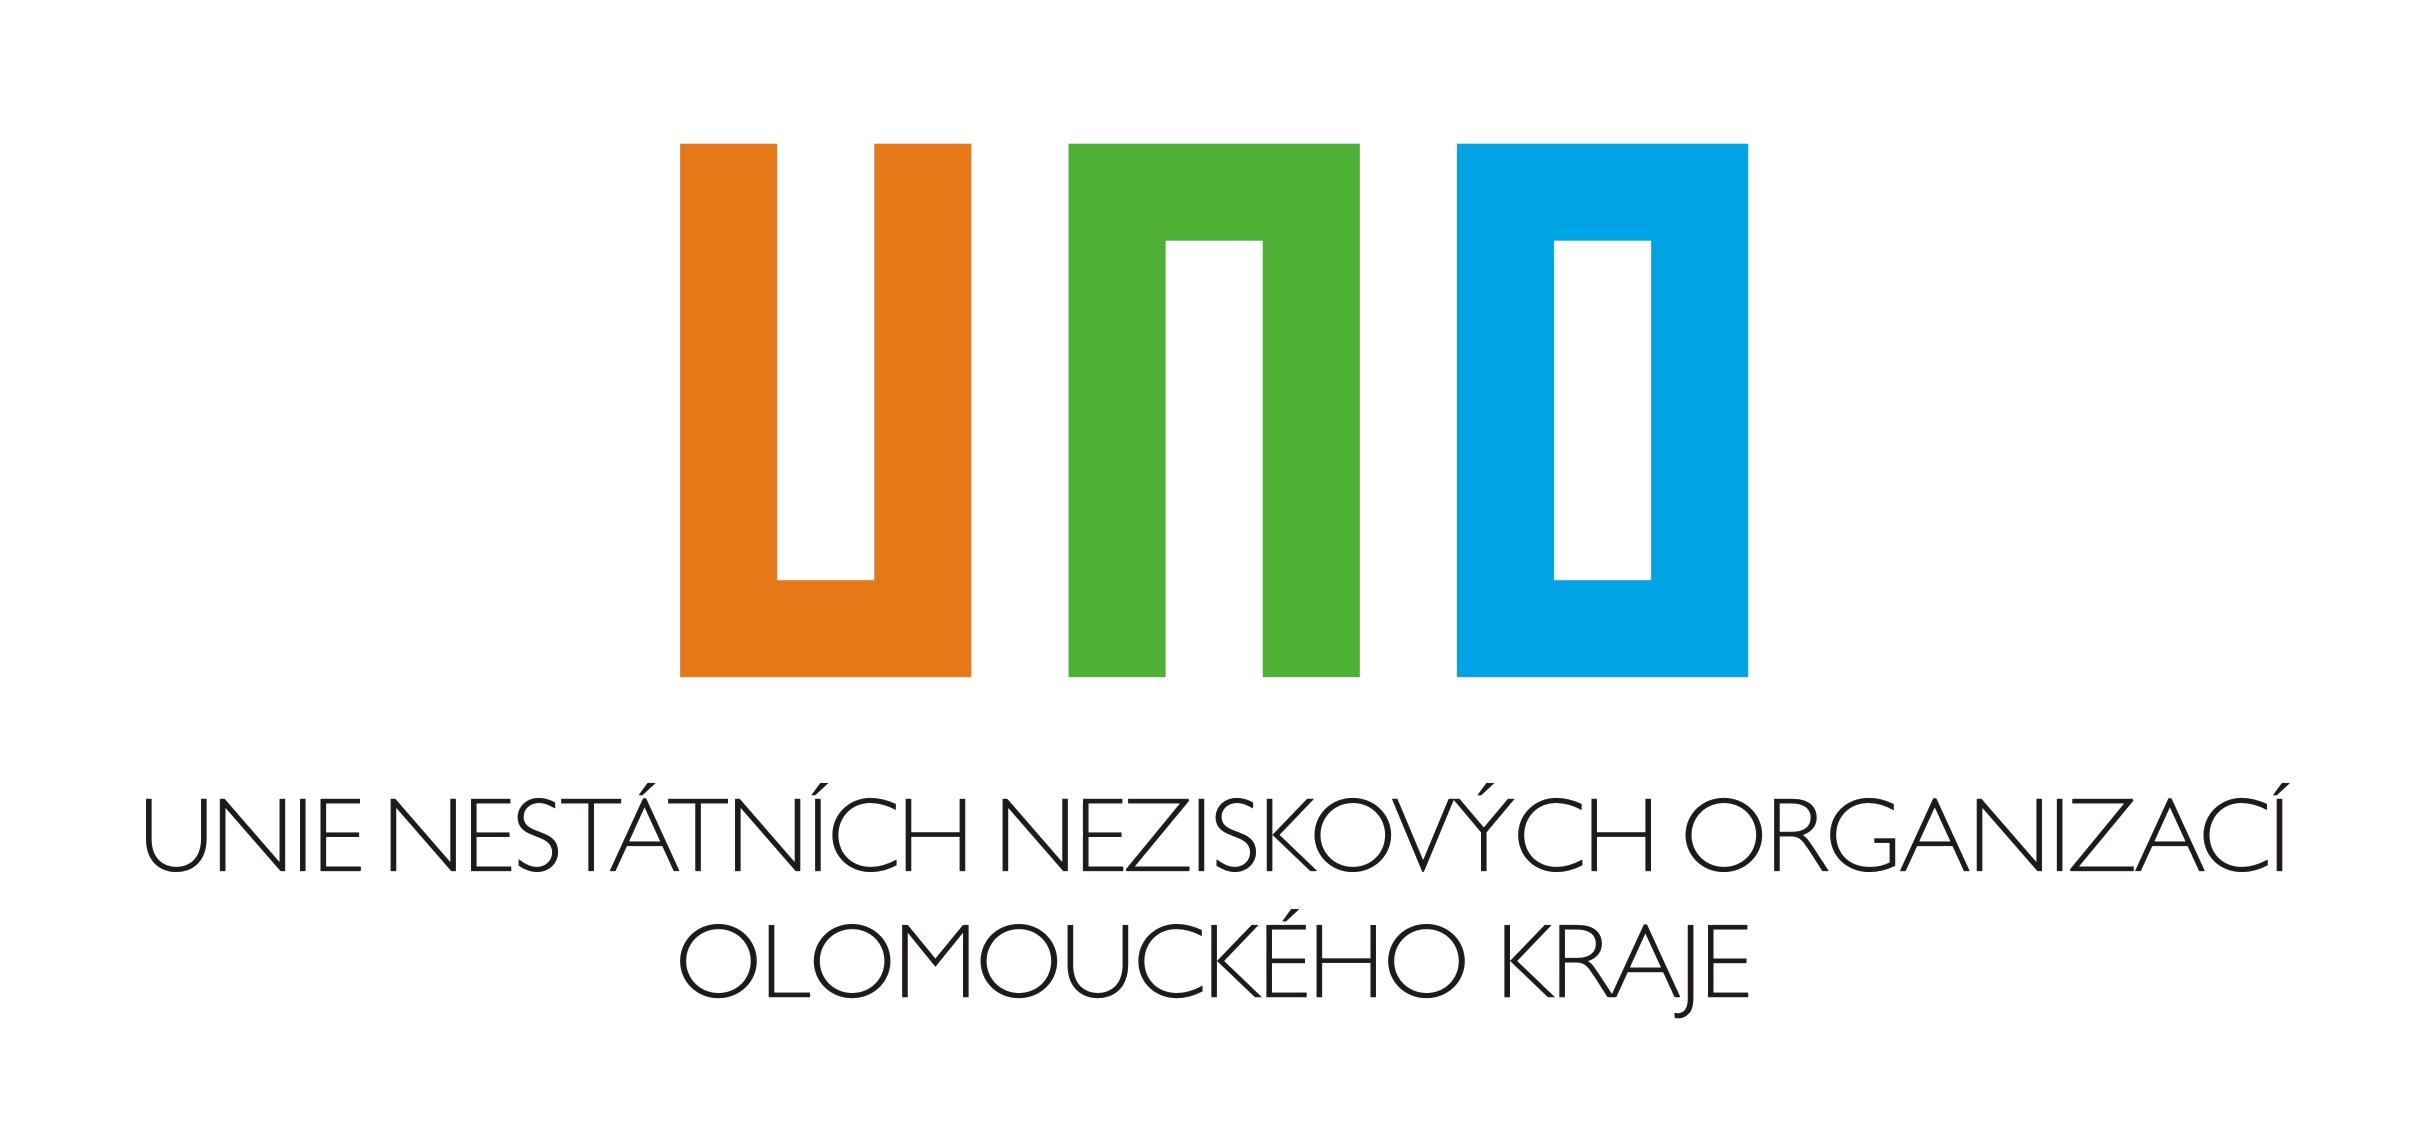 Unie nestátních neziskových organizací Olomouckého kraje